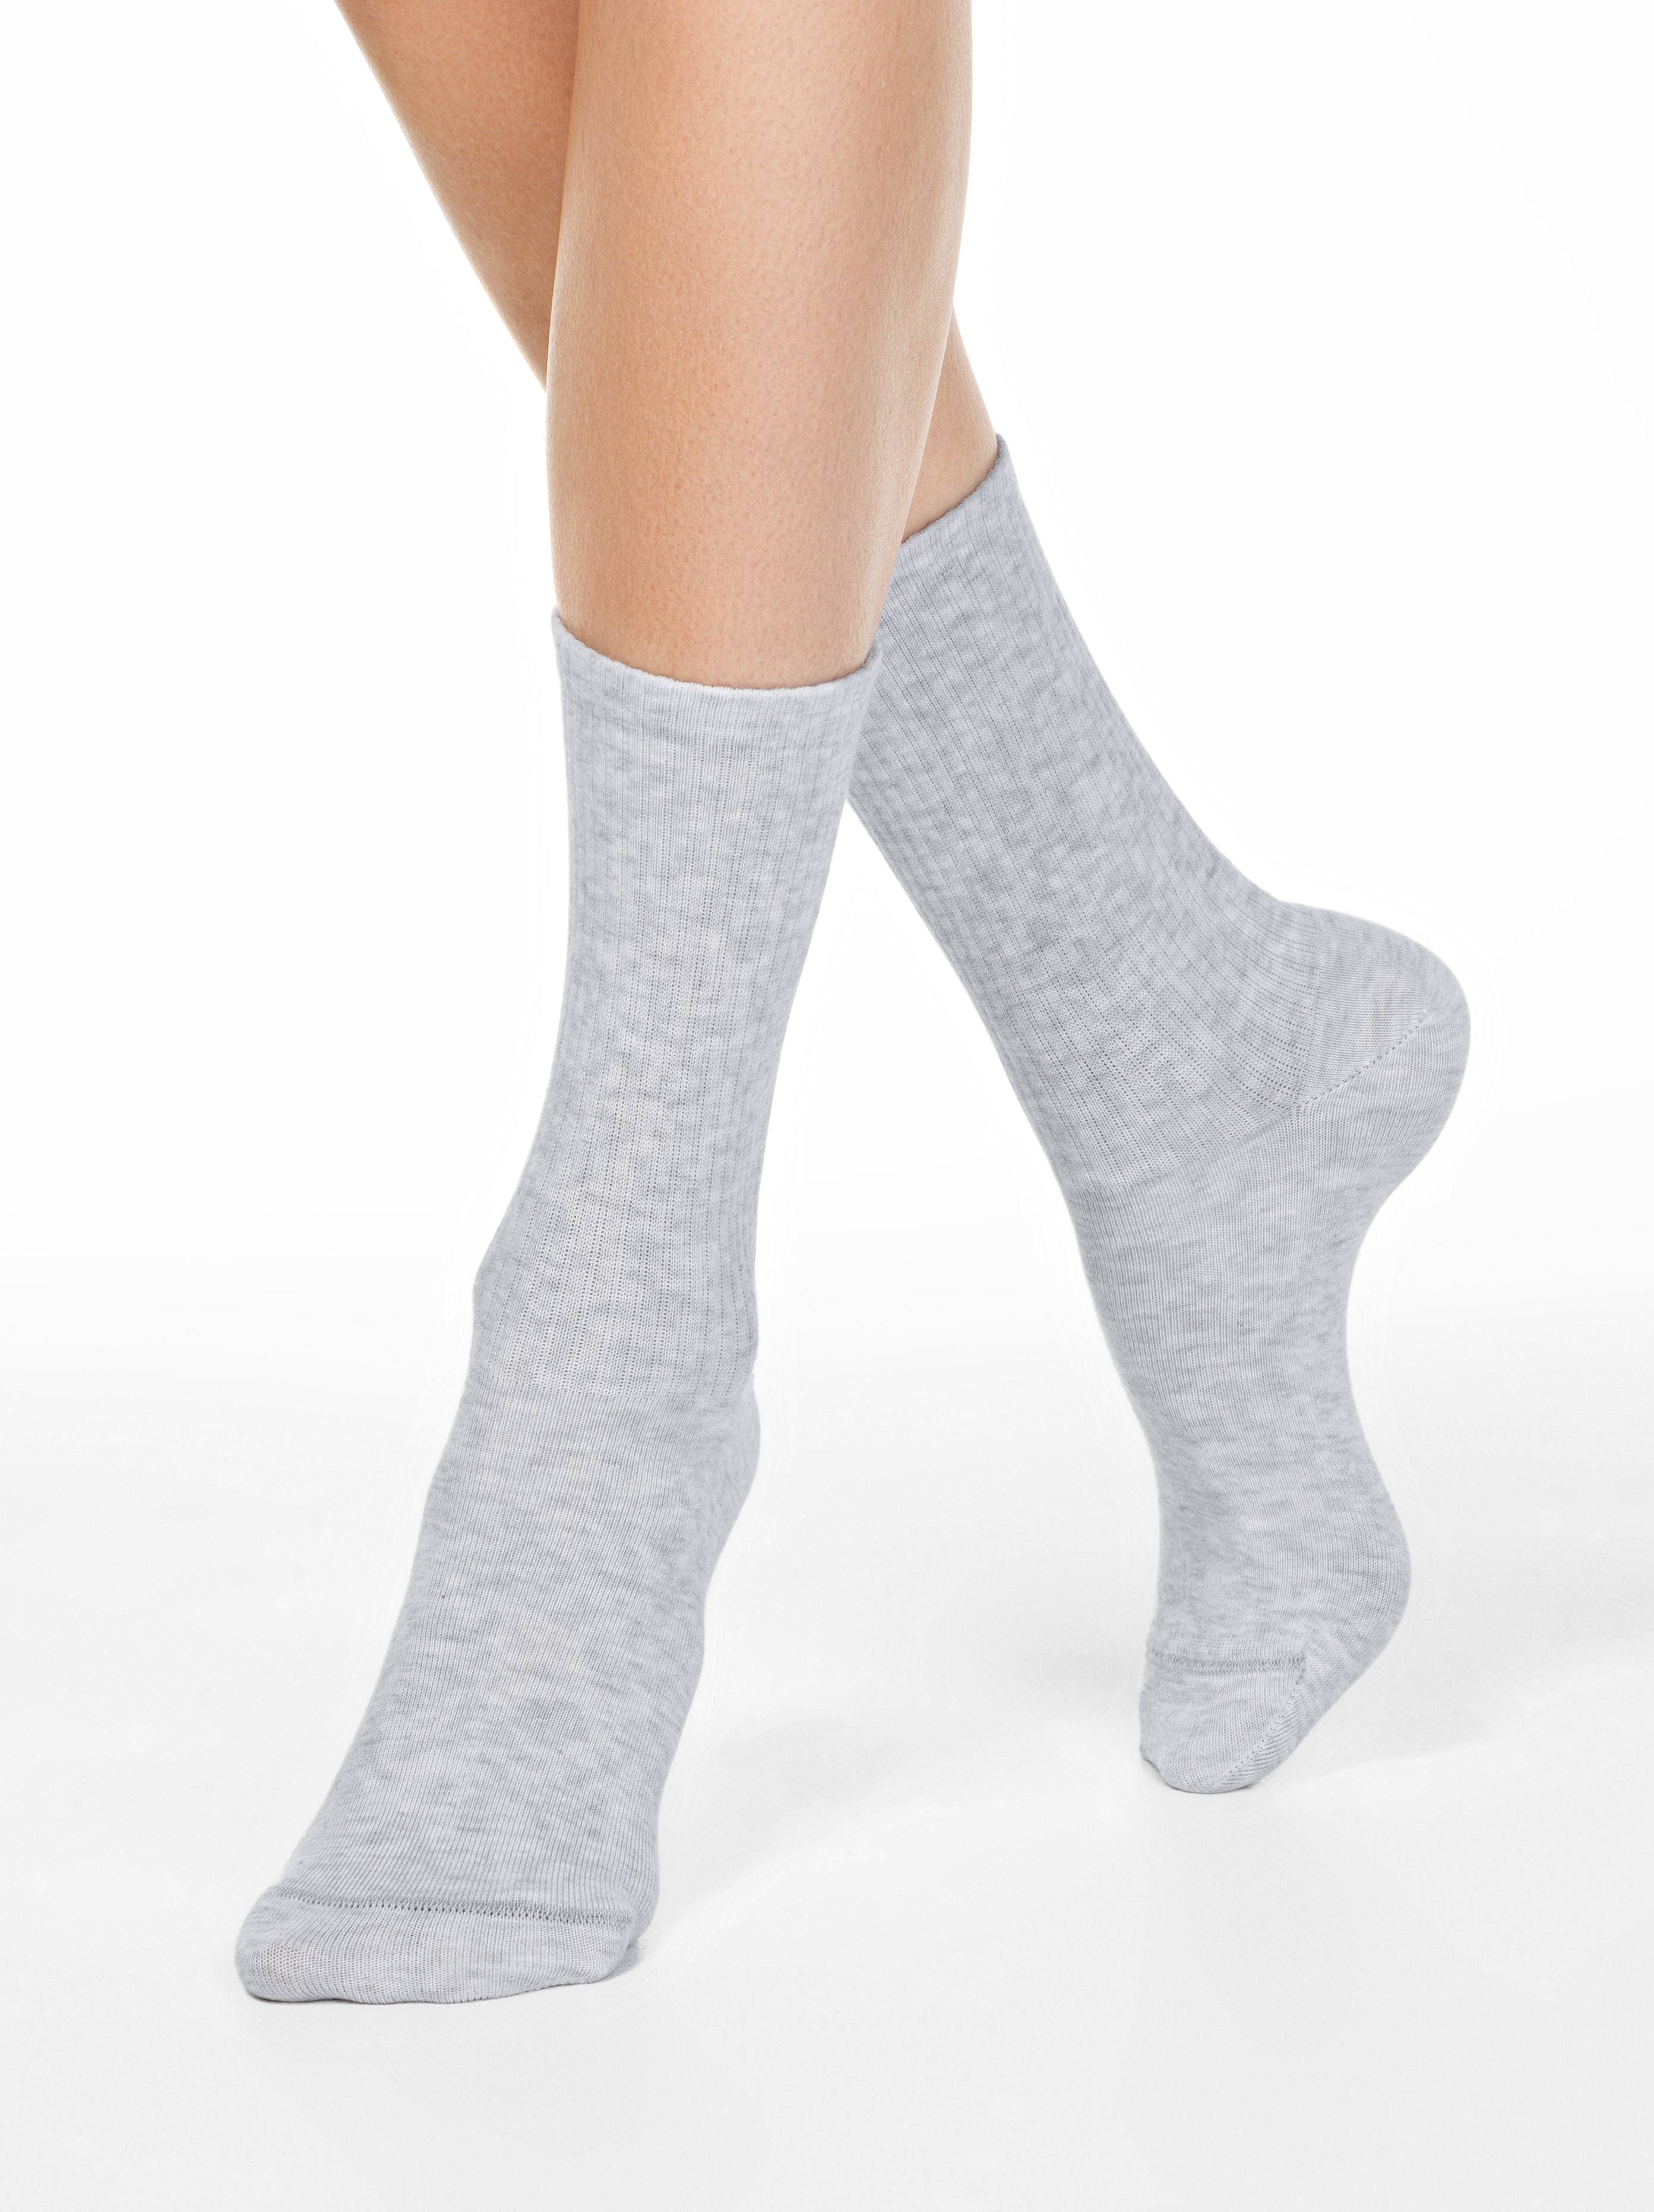 Носки женские ⭐️ Женские удлиненные хлопковые носки ACTIVE ⭐️